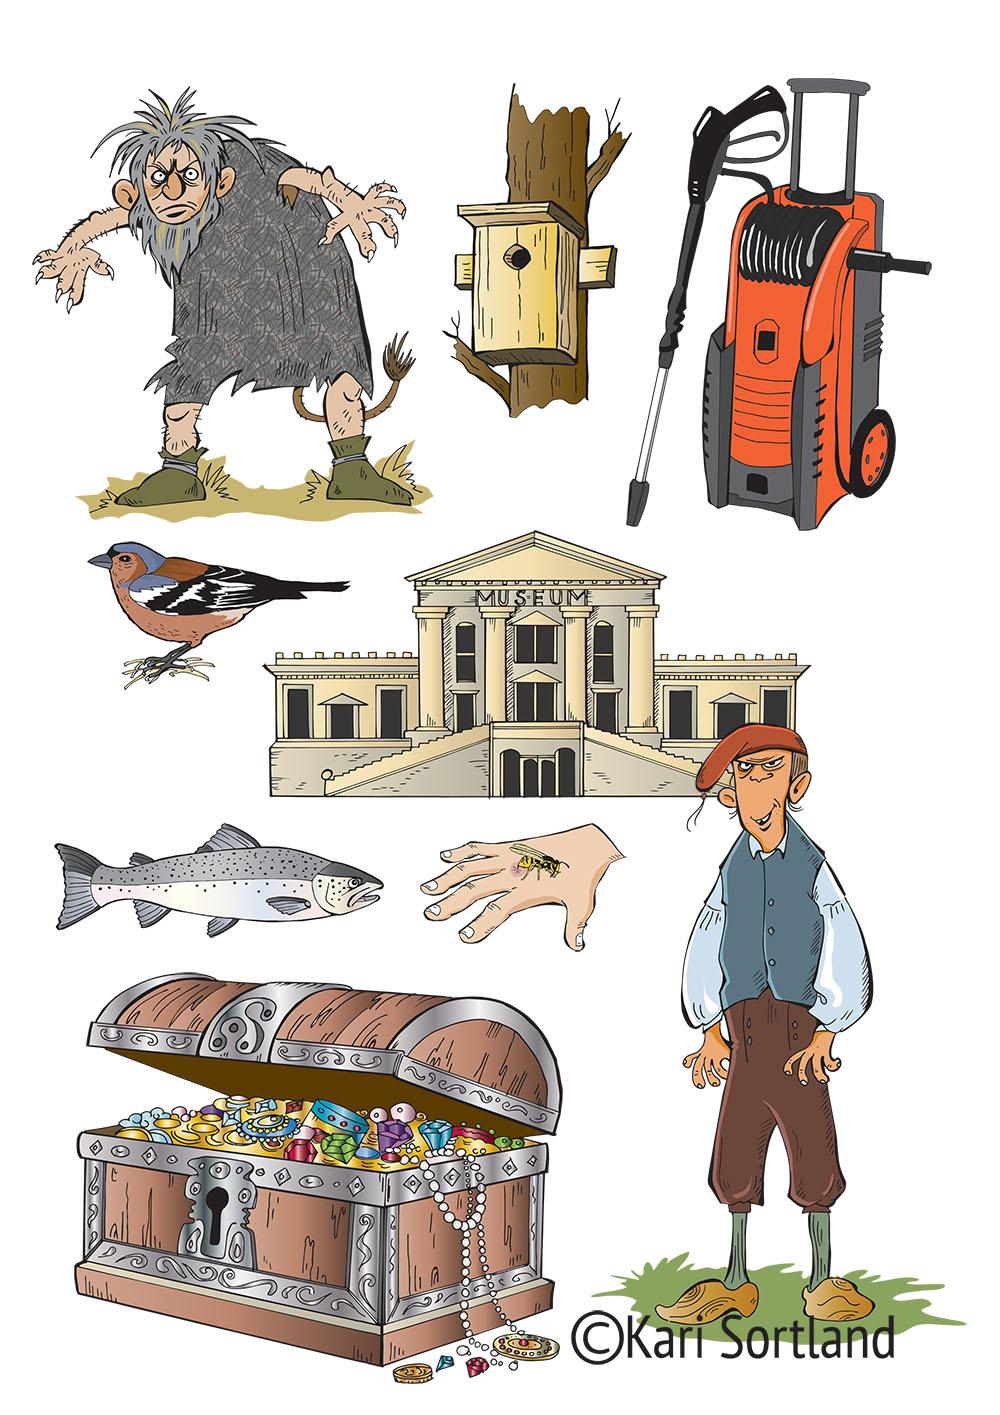 Cumulus natur og samfunnsfag, 1-4 klasse. Illustrasjoner Kari Sortland